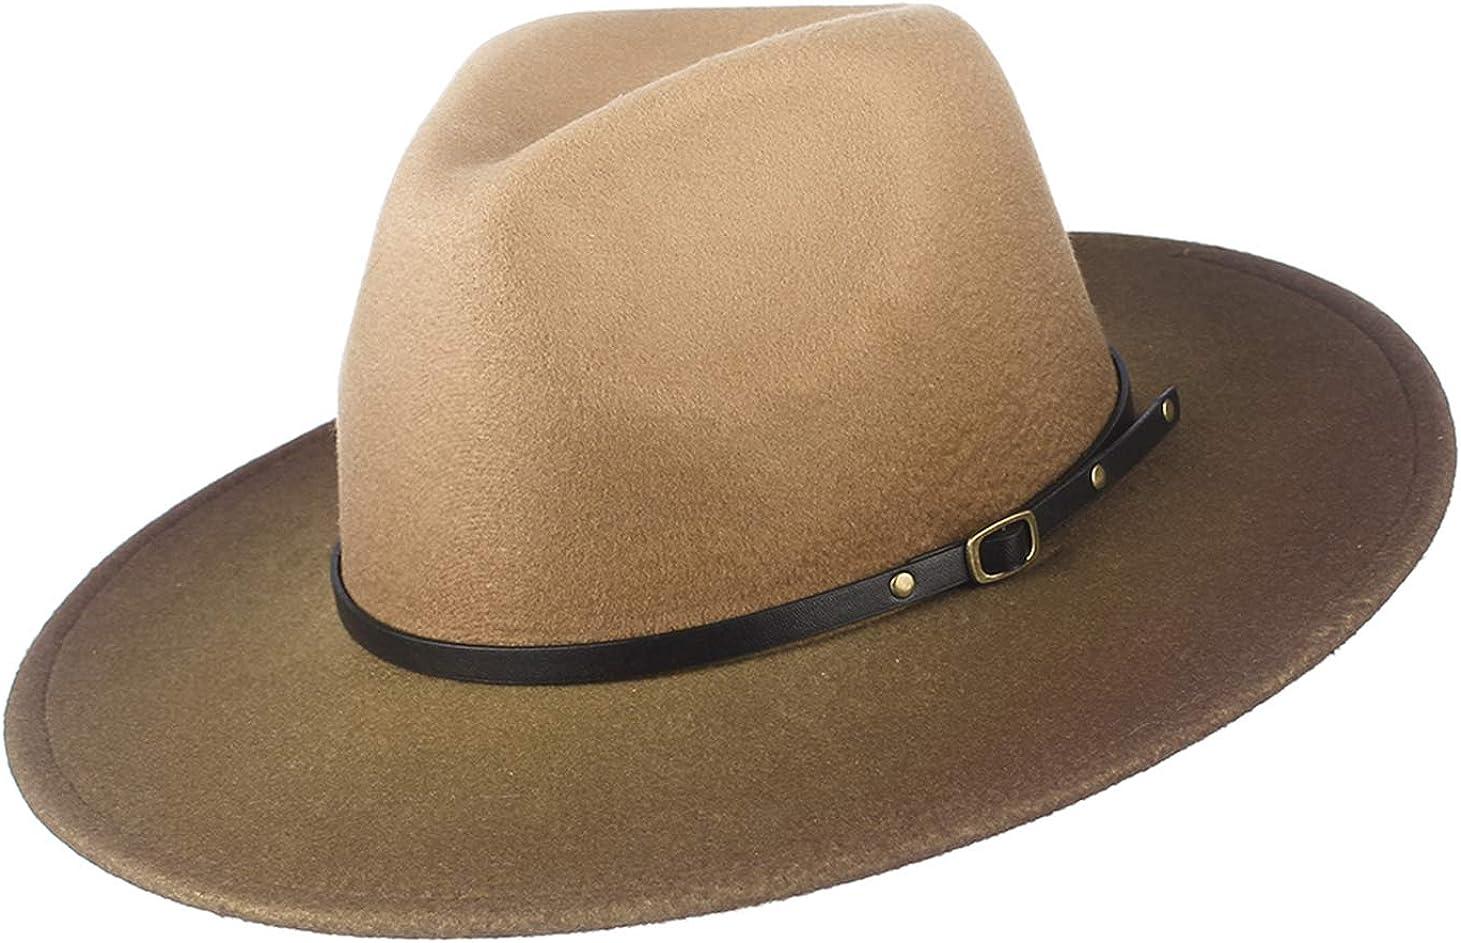 Women/Man Vintage Floppy Fedora Hat Wide Brim Gradient Panama Hat Summer Beach Hat with Belt Buckle